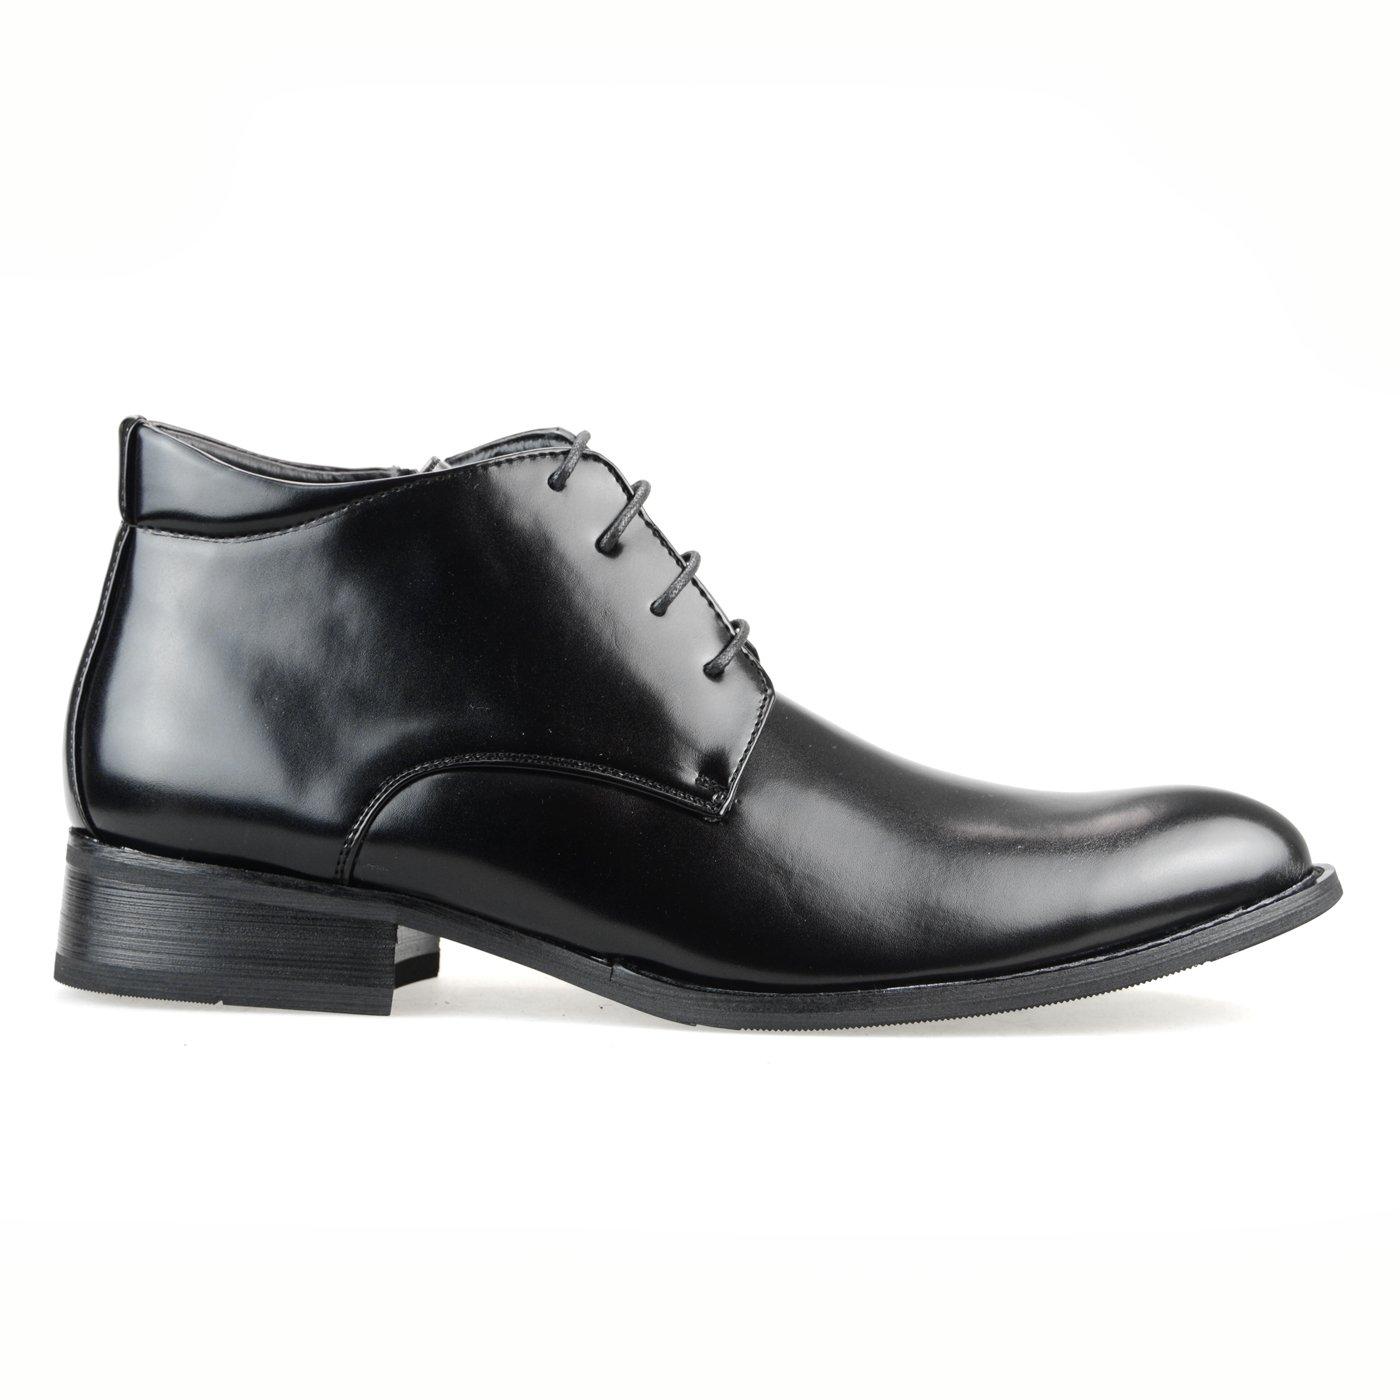 【11960円相当】 撥水加工 低反発 2足セット ビジネスシューズ メンズ ビジネスブーツ デザート ブーツ ショートブーツ ビジネス メンズ 靴 紳士靴 福袋 [ エムエムワン ] MM/ONE 【 UZF39B 】 B01LRVWM7Y 27.5 cm 3E Dブラック+Eダークブラウン Dブラック+Eダークブラウン 27.5 cm 3E